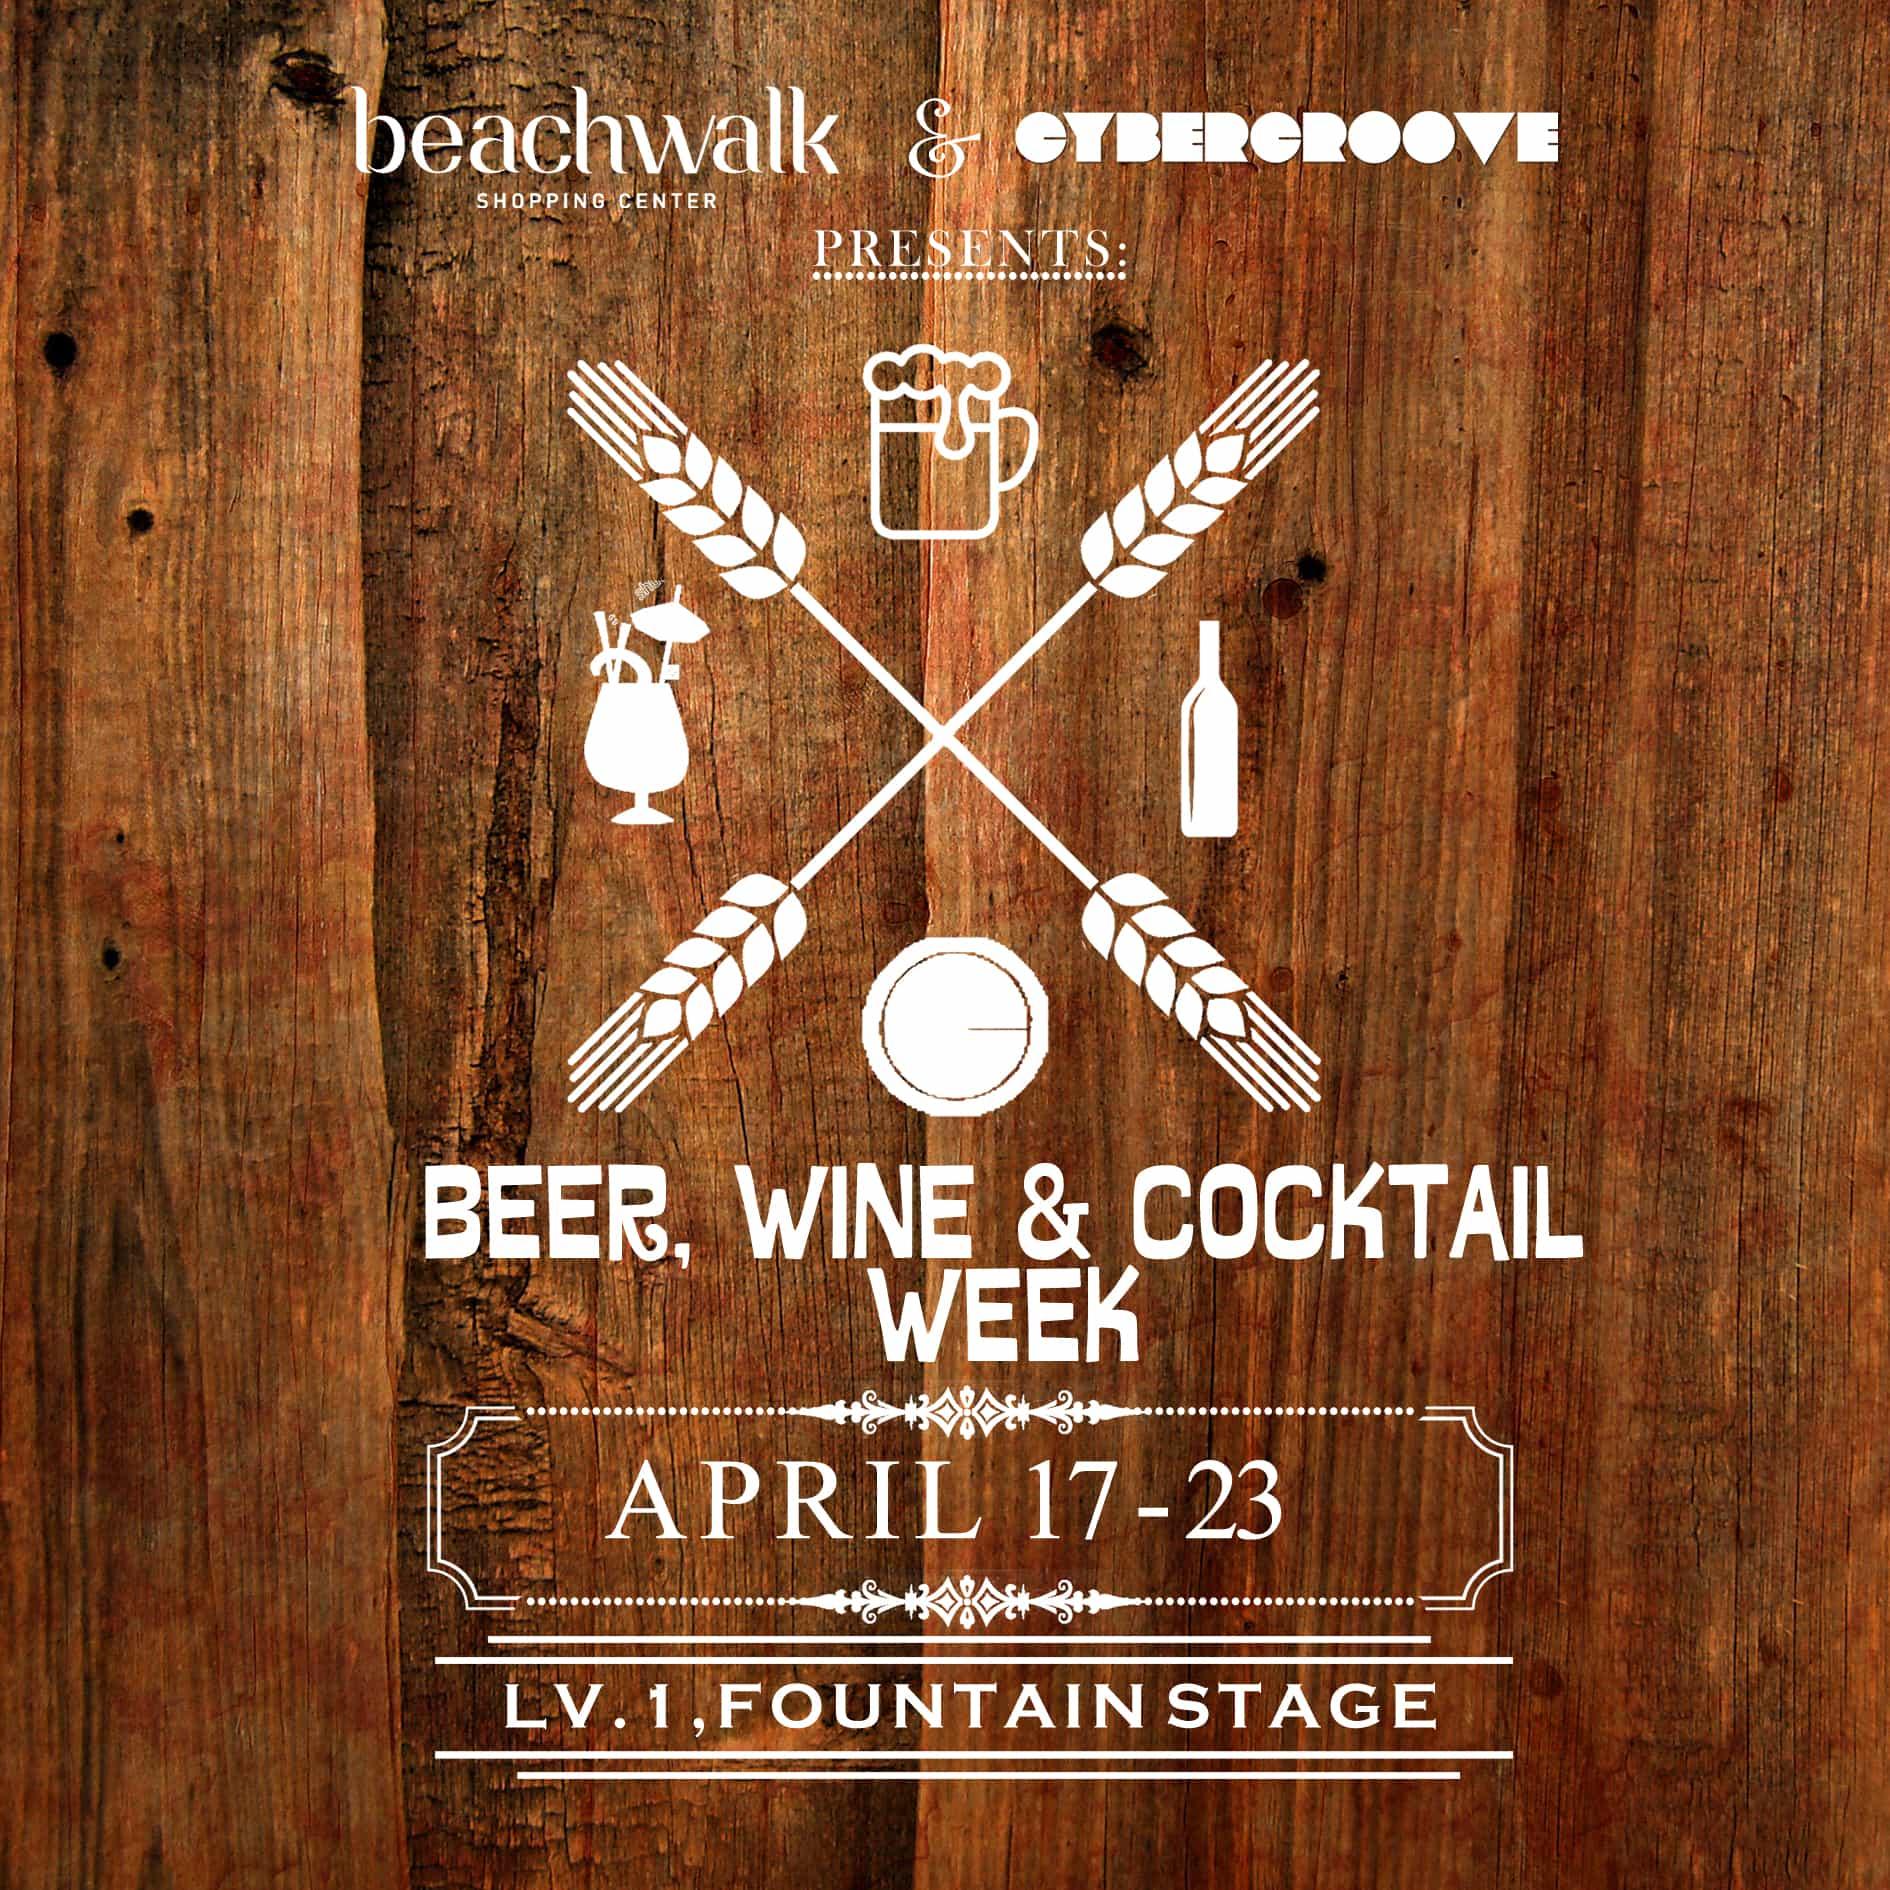 Beachwalk Beer, Wine & Cocktail Week